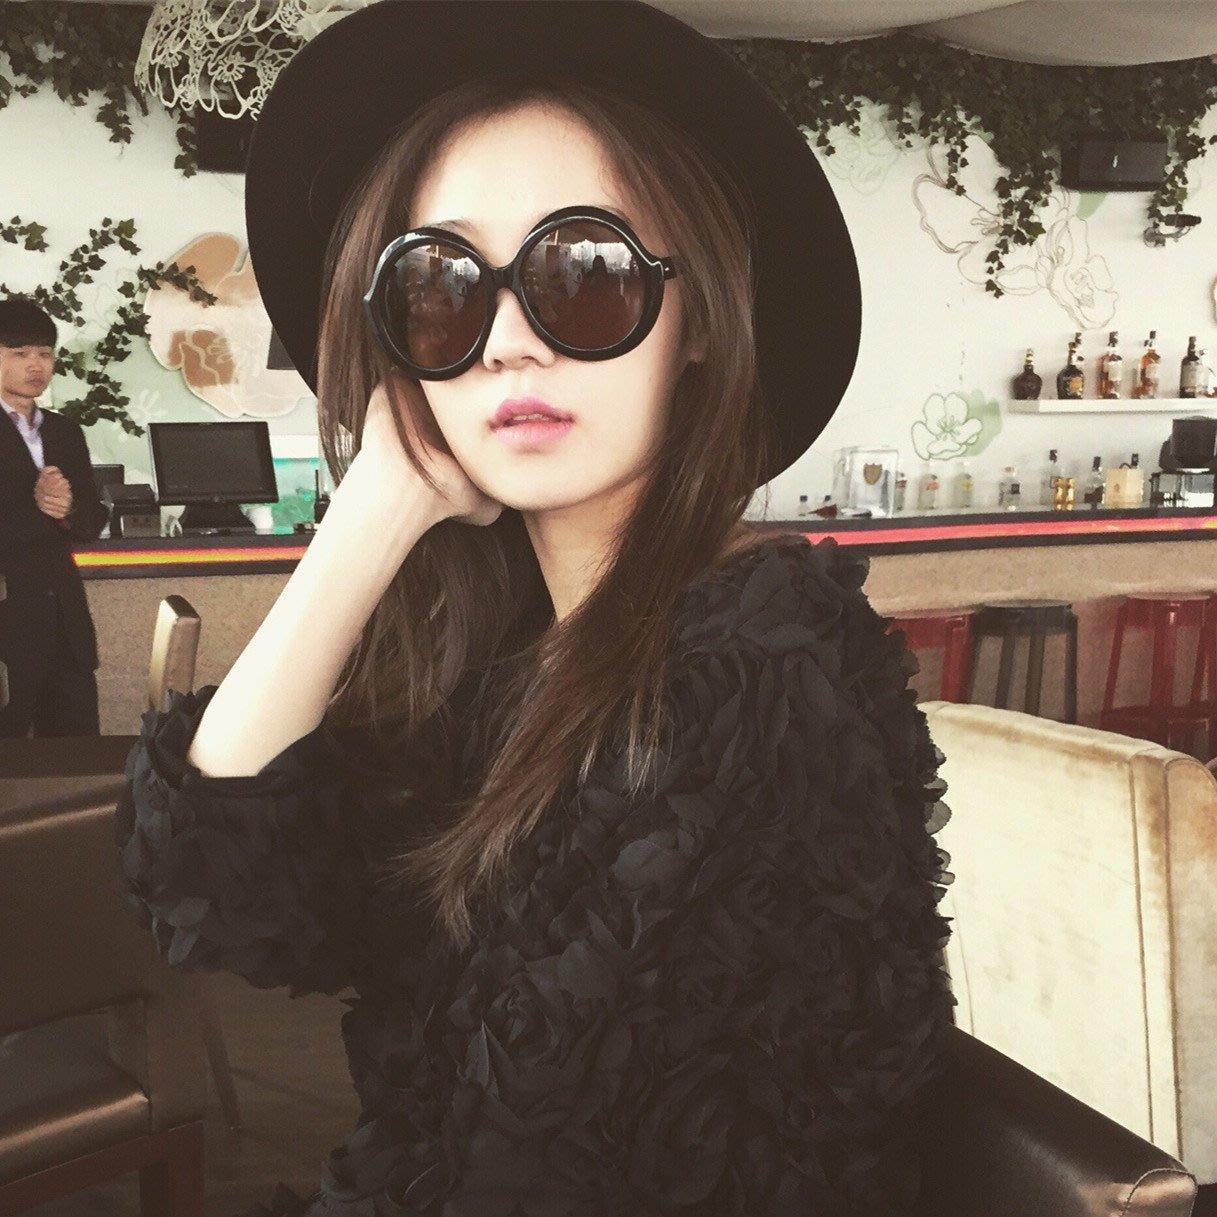 太陽眼鏡 平光眼鏡 韓國眼鏡 方框眼鏡 百搭眼鏡 太陽眼鏡女新款韓國個性復古圓形瘦臉墨鏡圓臉網紅同款墨鏡潮